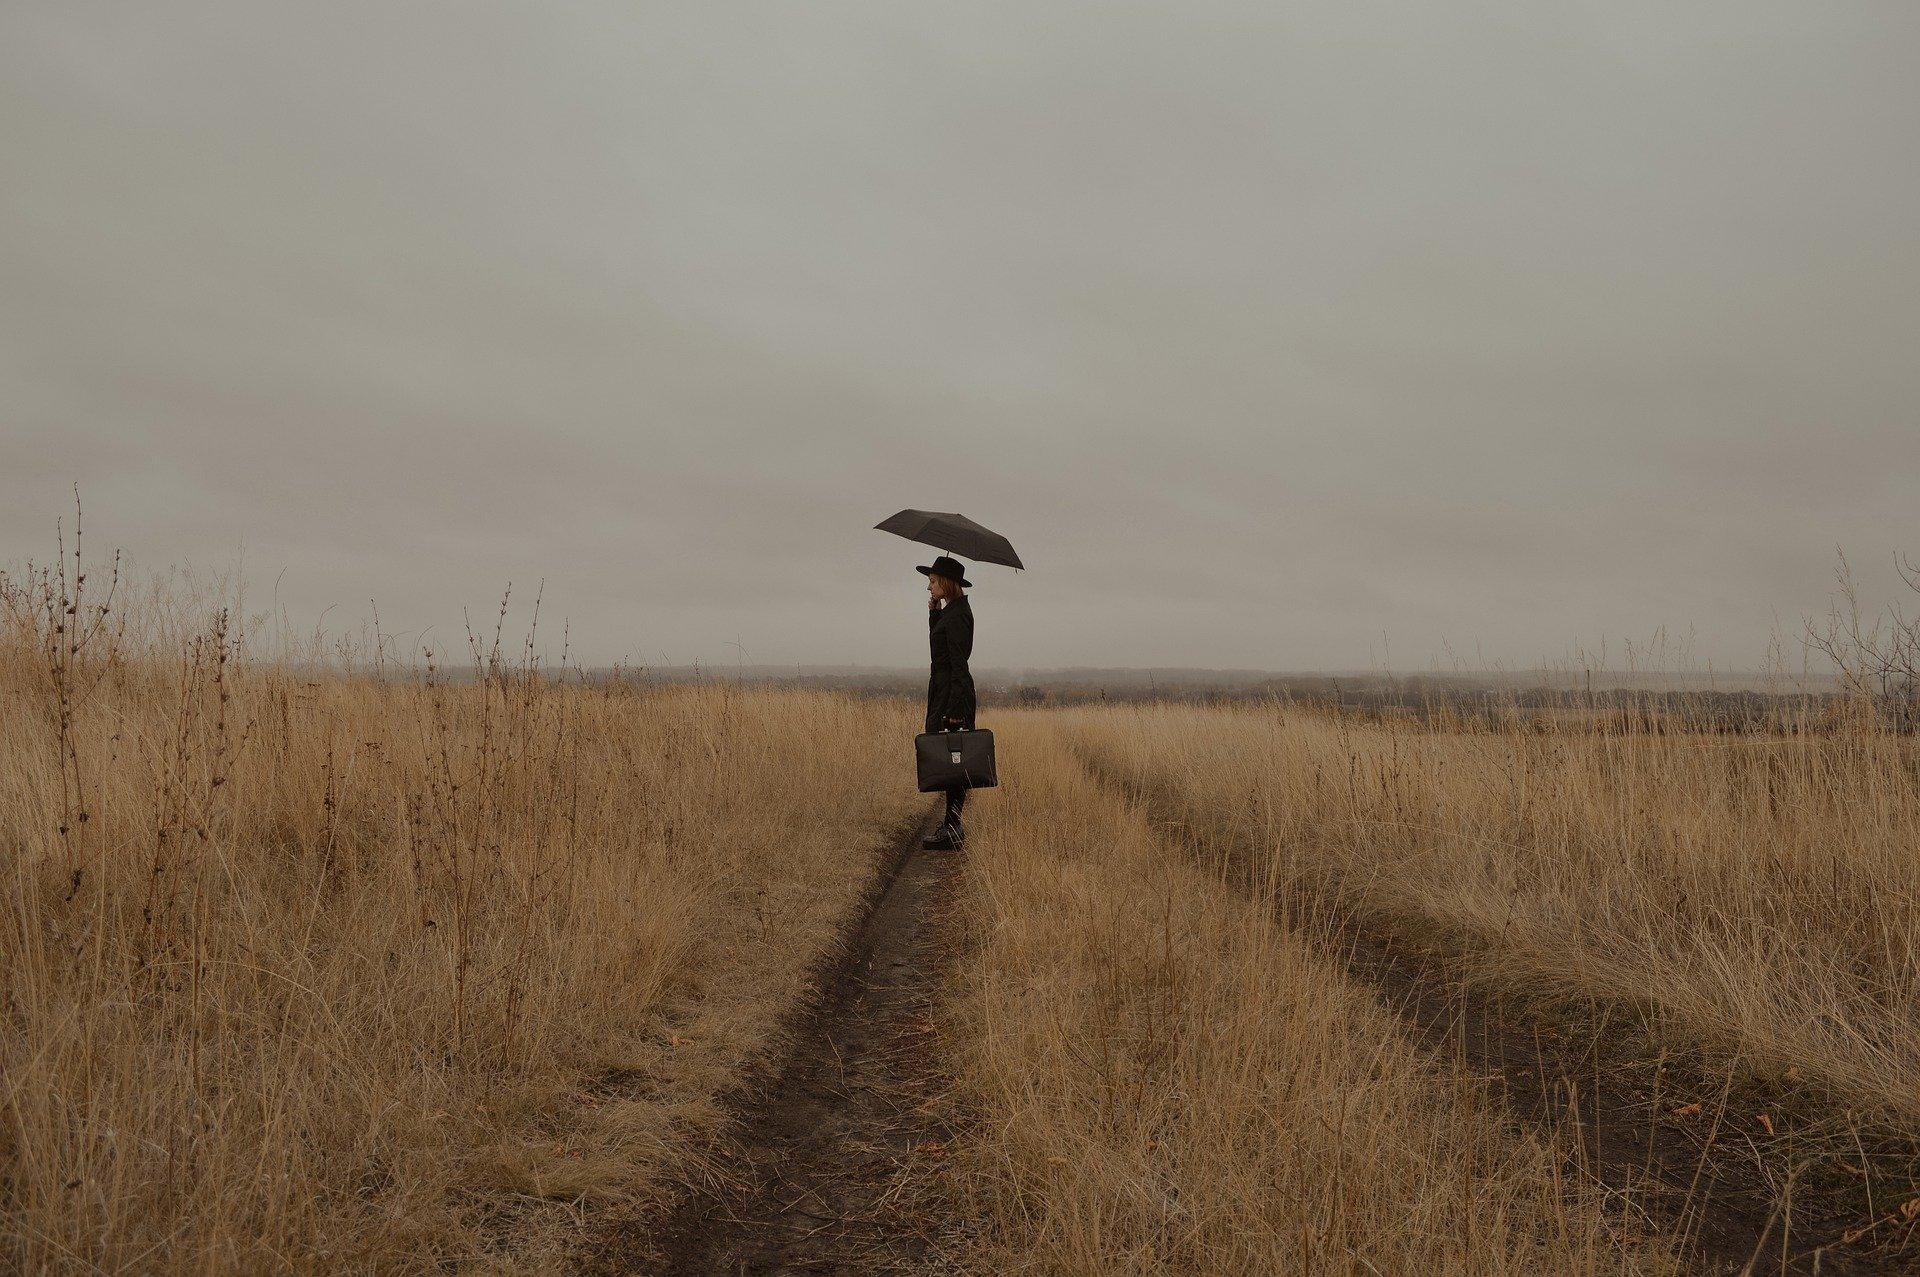 ما هي فوائد الحزن؟